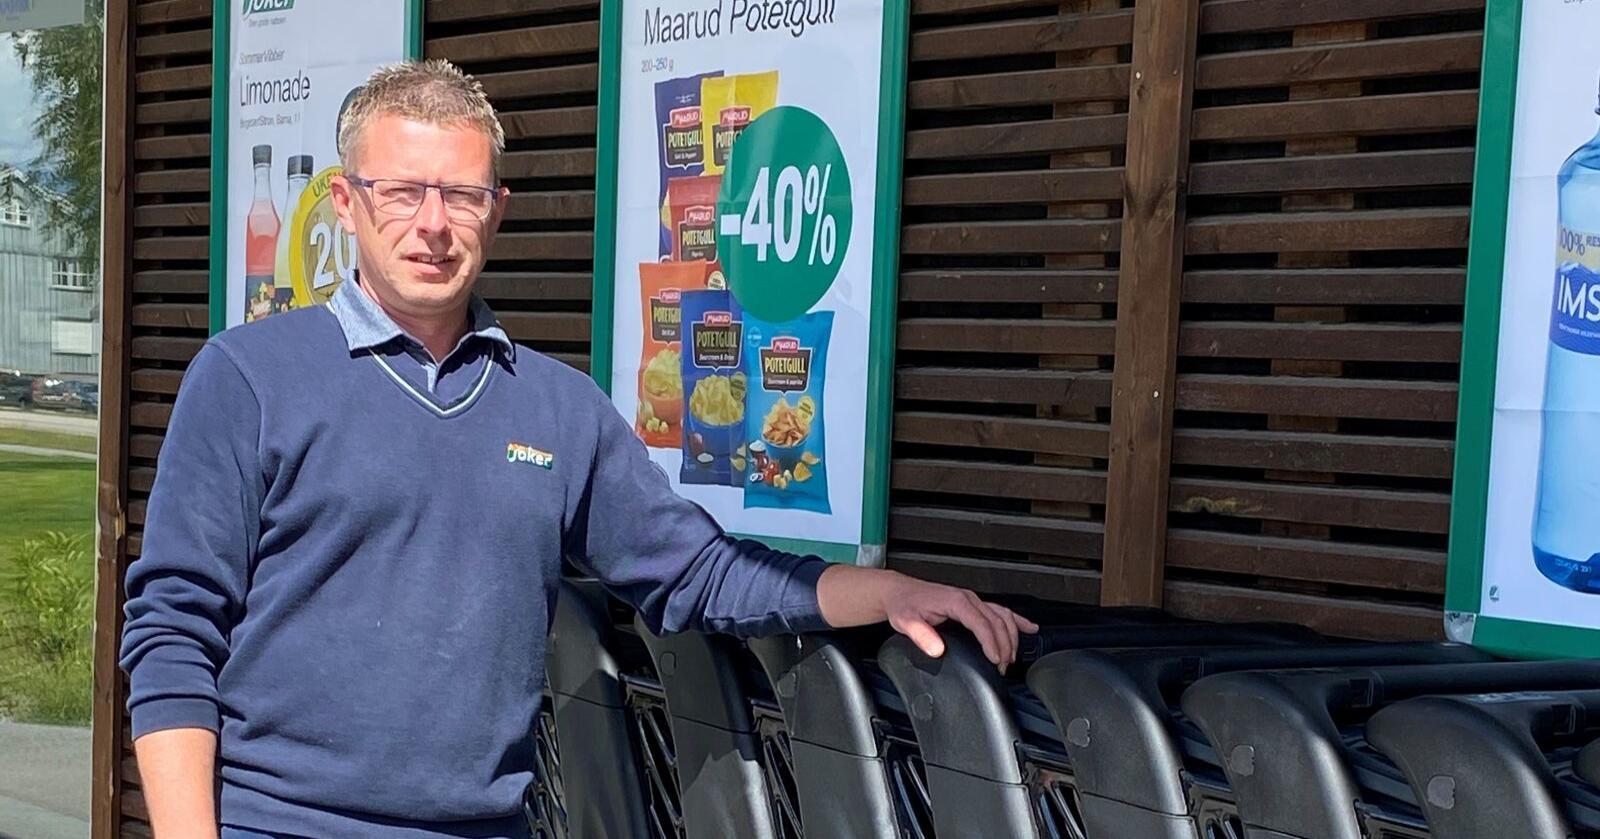 Det har vore post-i-butikk i Aremark i åtte år. No vurderer Bjørn Vidar Lihagen å legge ned tilbodet. Foto: Privat